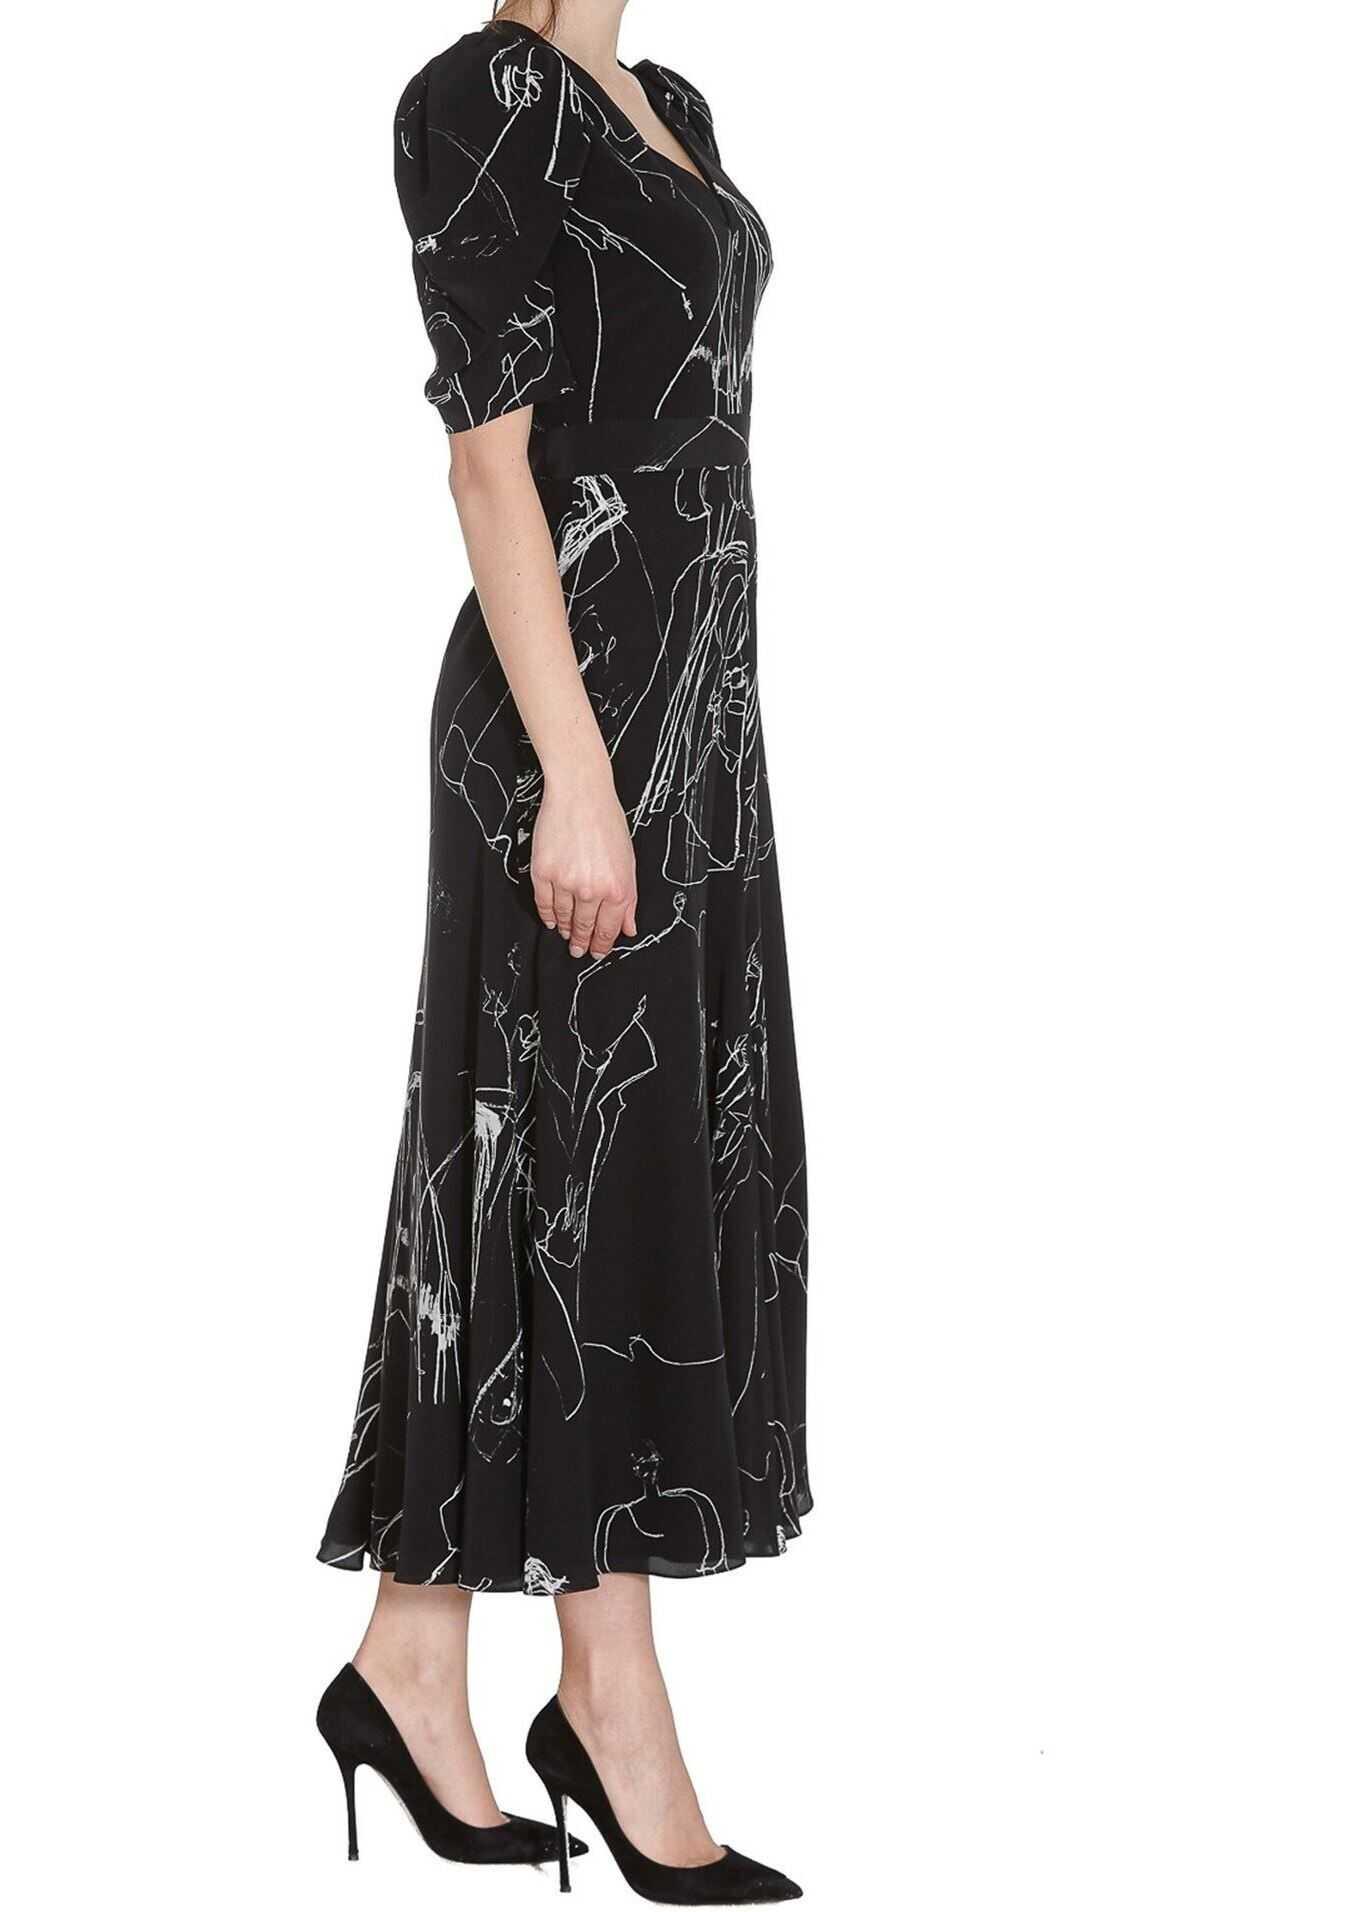 Alexander McQueen Crepe De Chine Dress Black